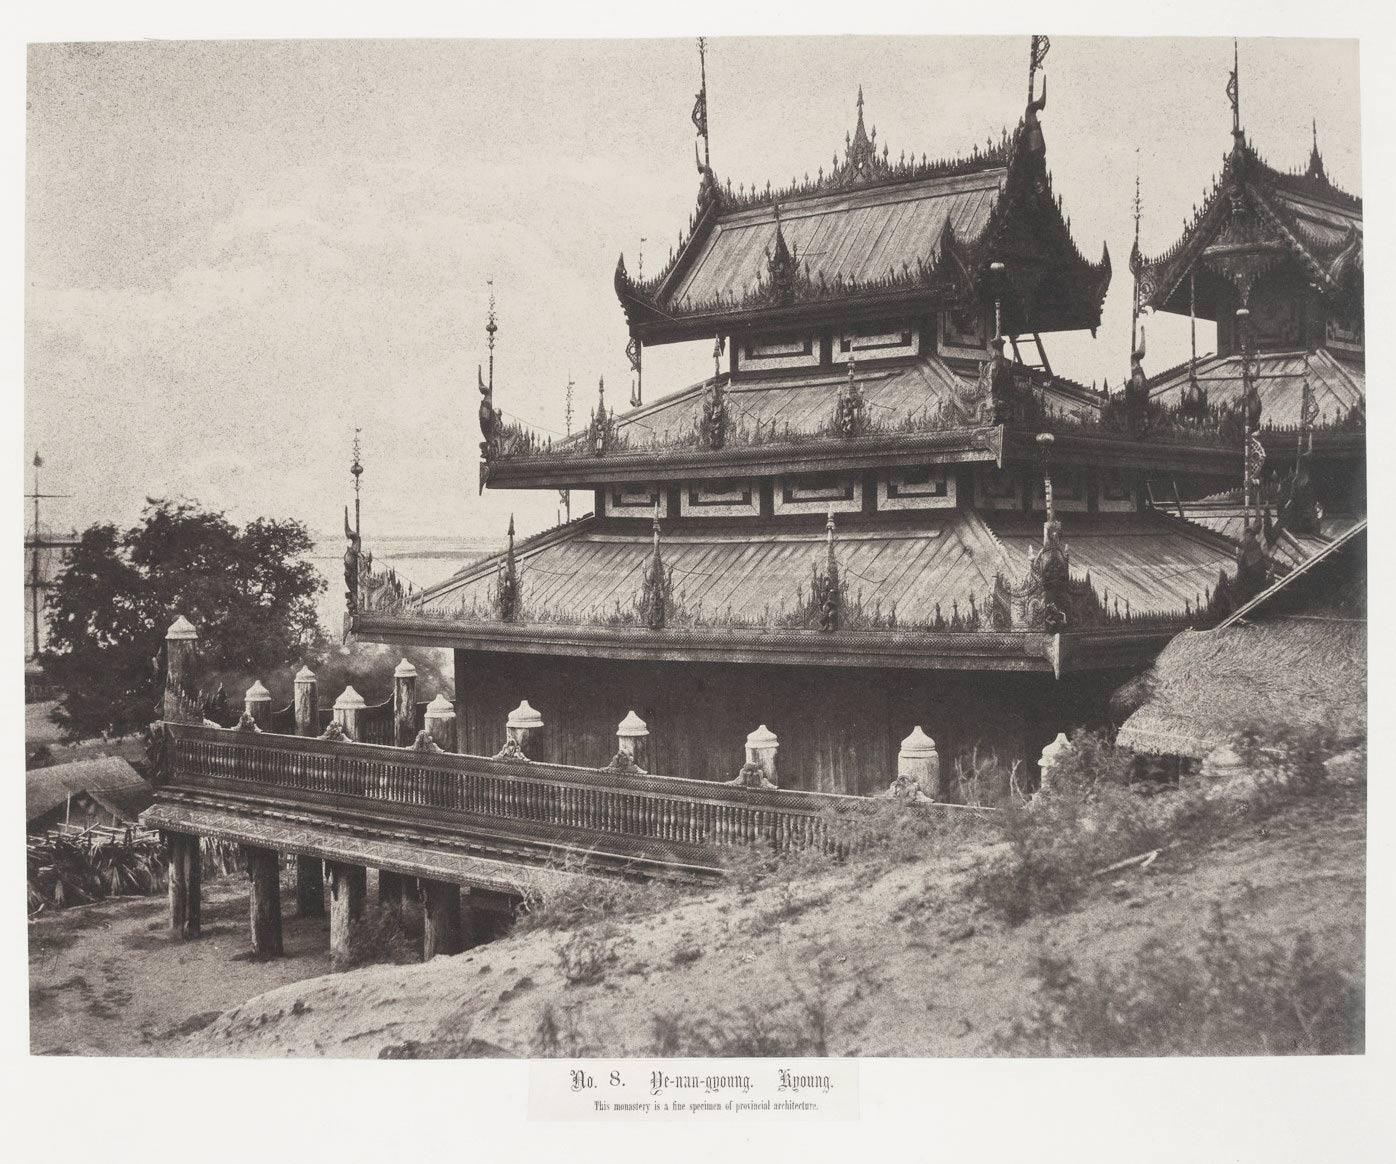 ye nan gyoung monastery - <b>У М'янмі переворот, владу (знову) захопила військова хунта.</b>  За її правління був геноцид народу рогінджа - Заборона